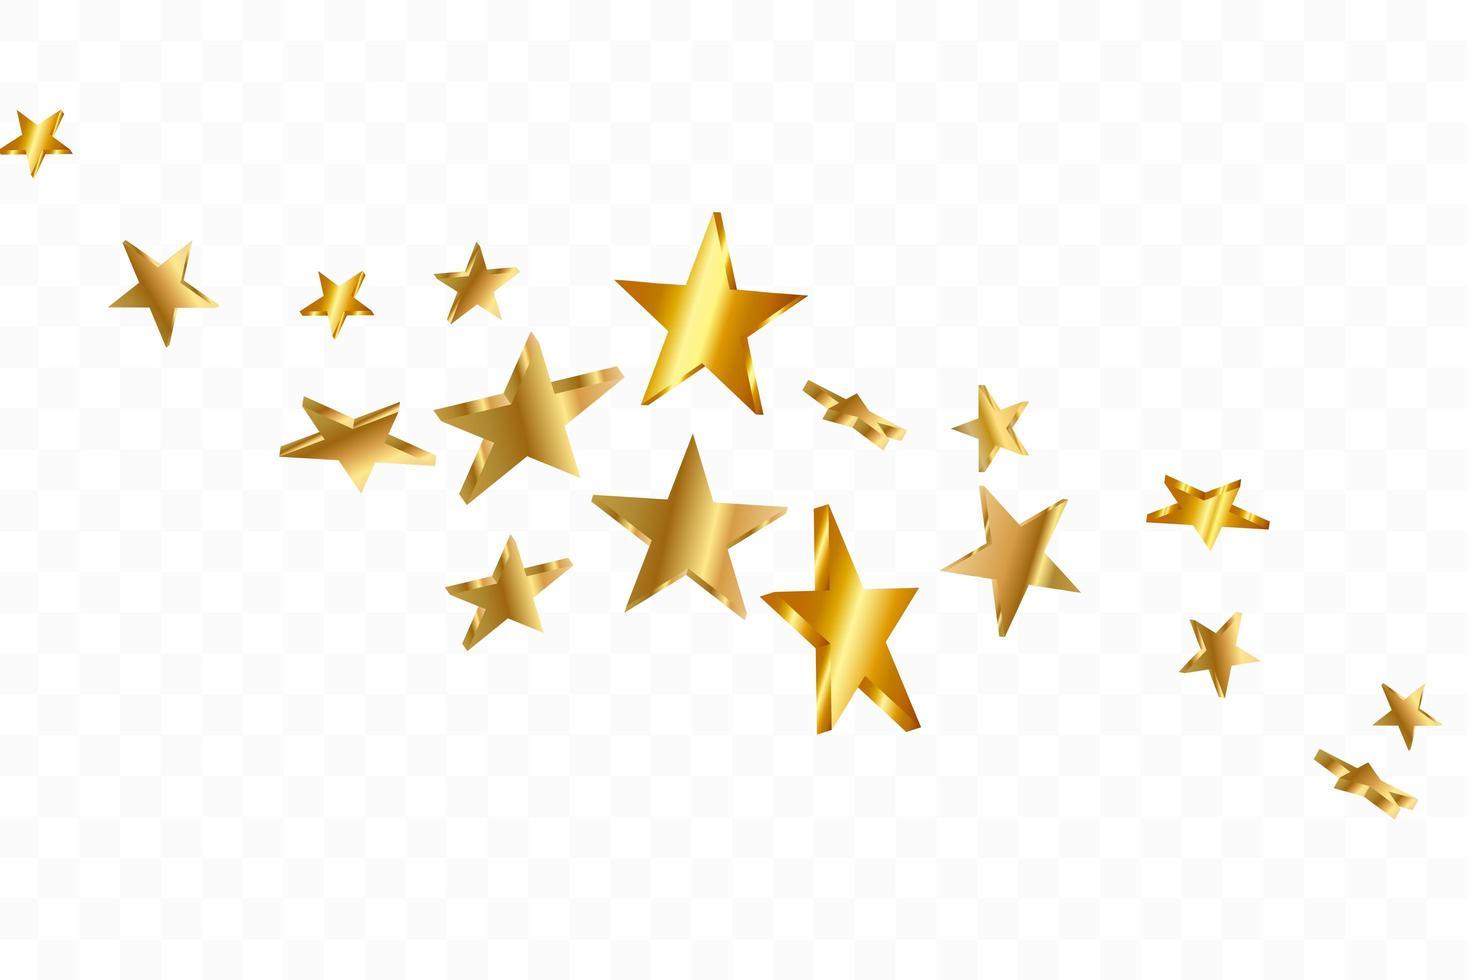 3d Sterne fallen. goldgelber Sternenhintergrund. Vektor Konfetti Stern Hintergrund.